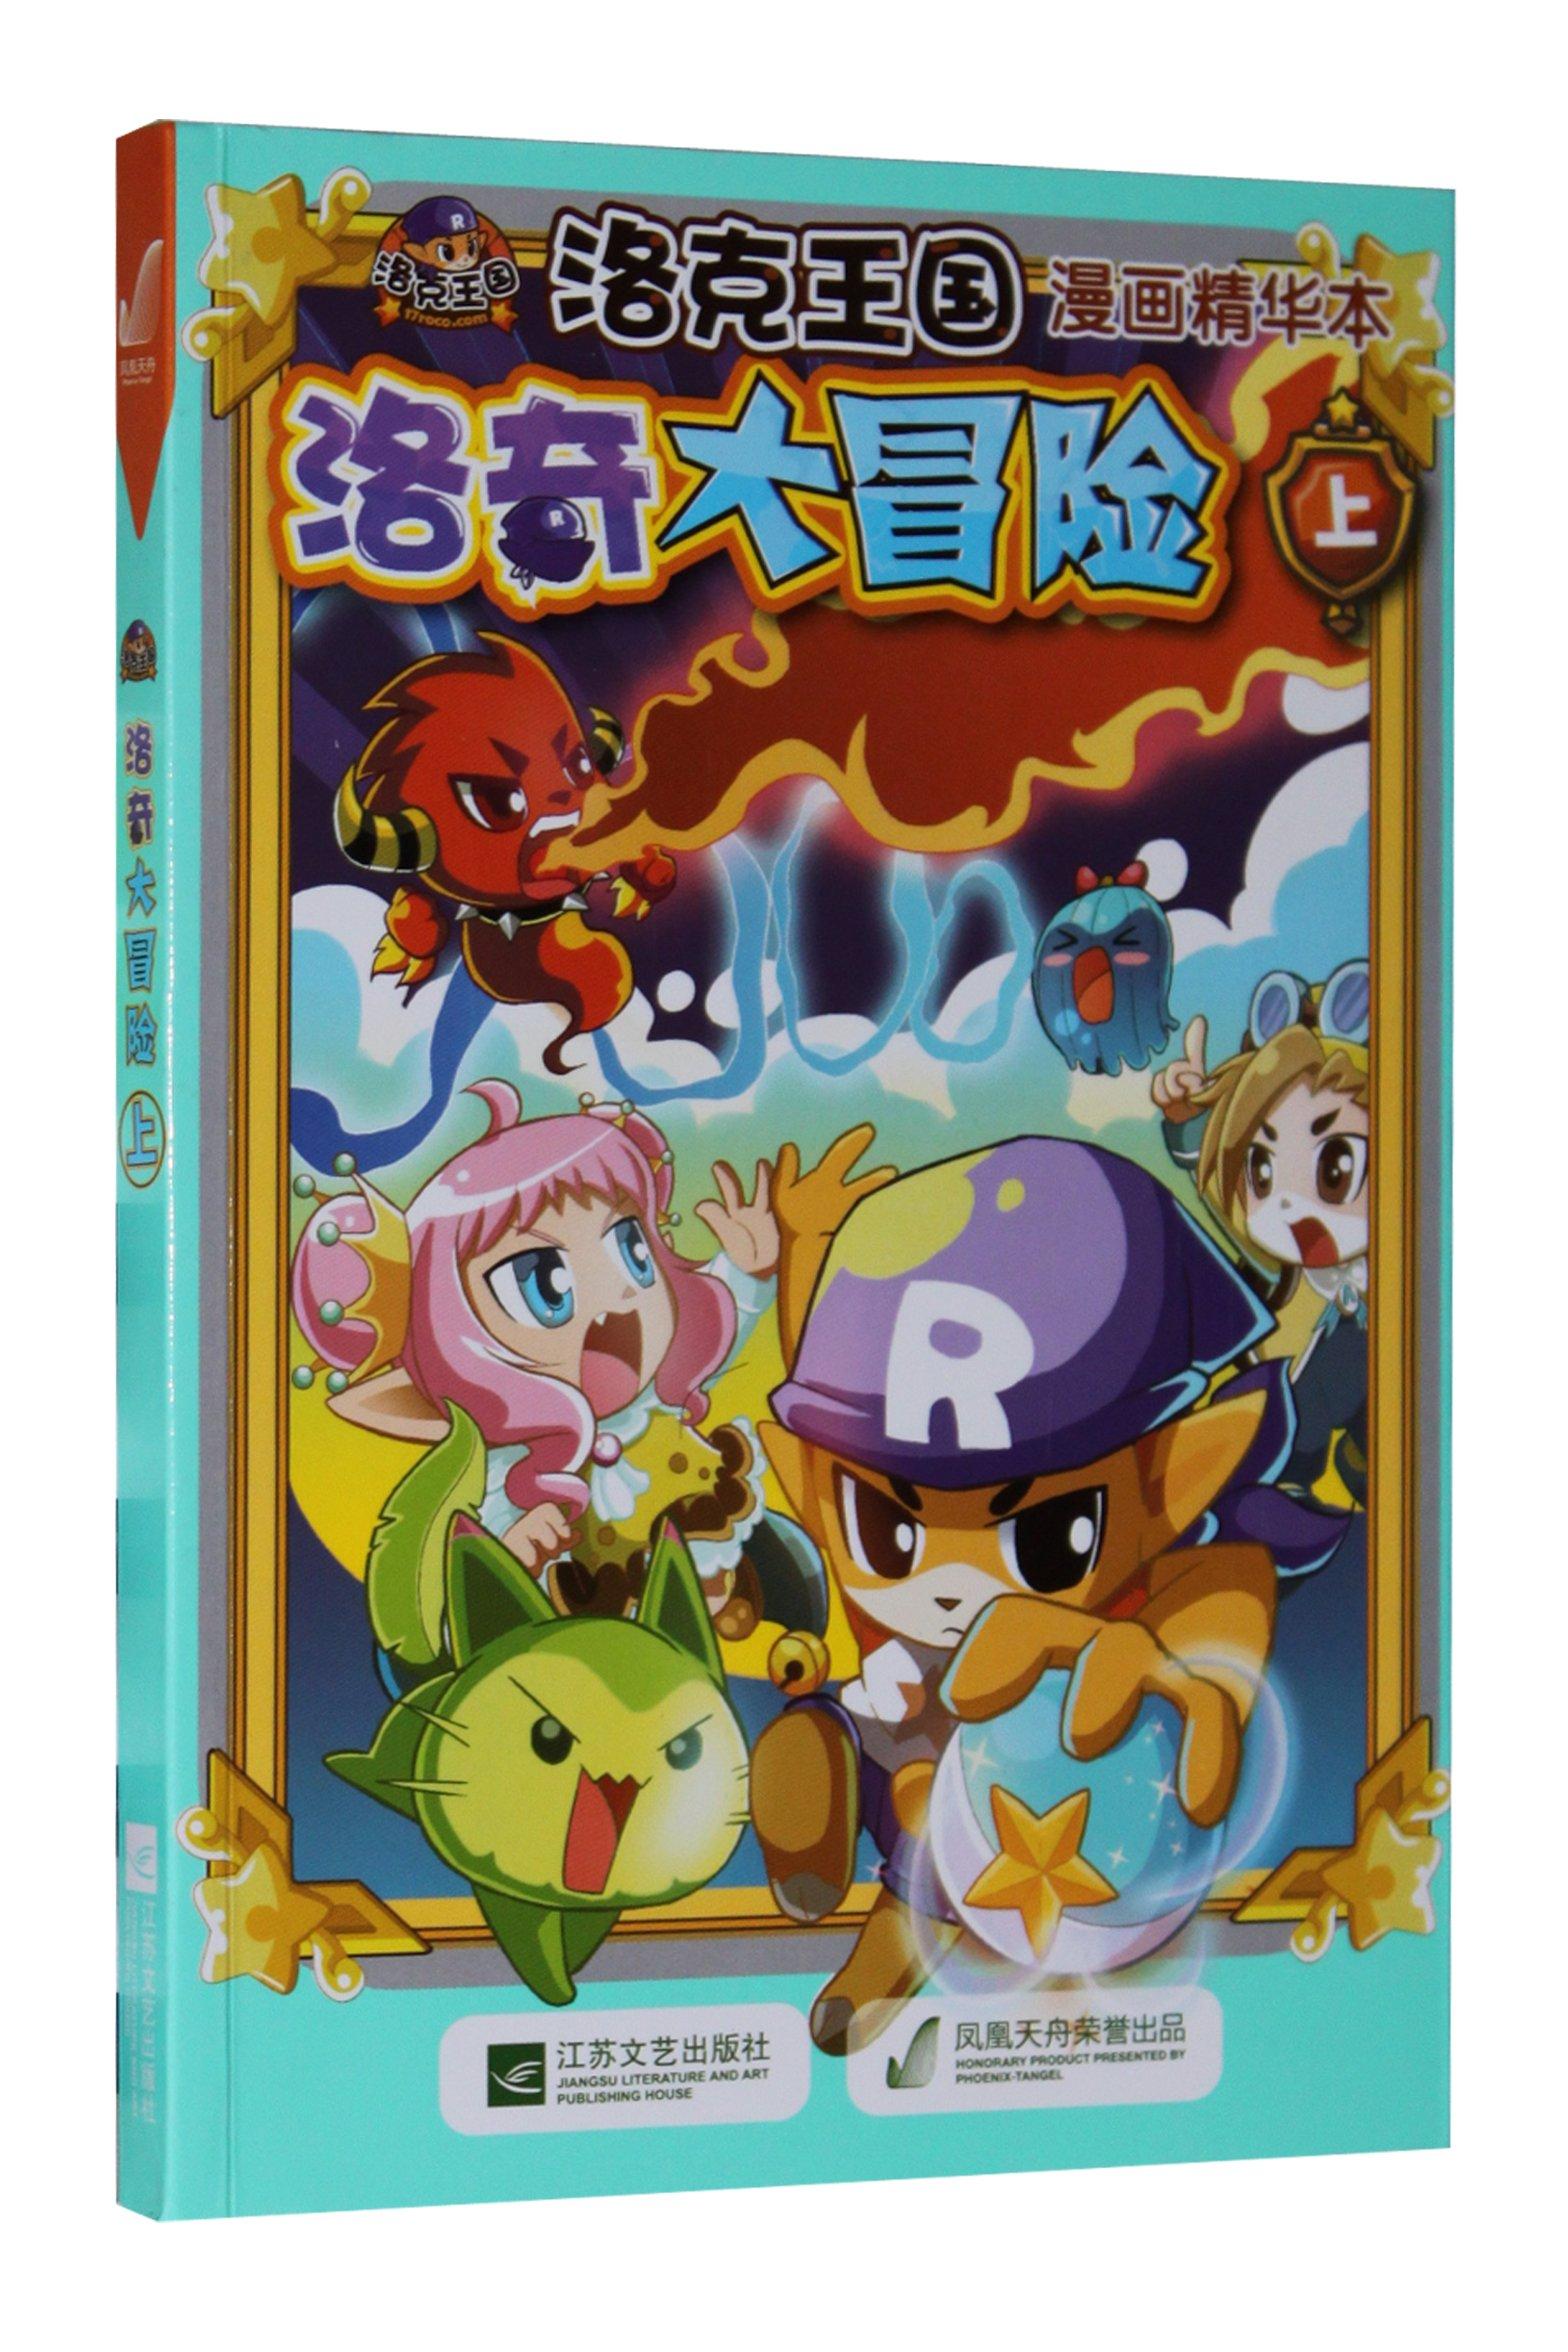 洛克王国漫画精华本:洛奇大v漫画(上):亚马逊:图恋爱巴士漫画图片